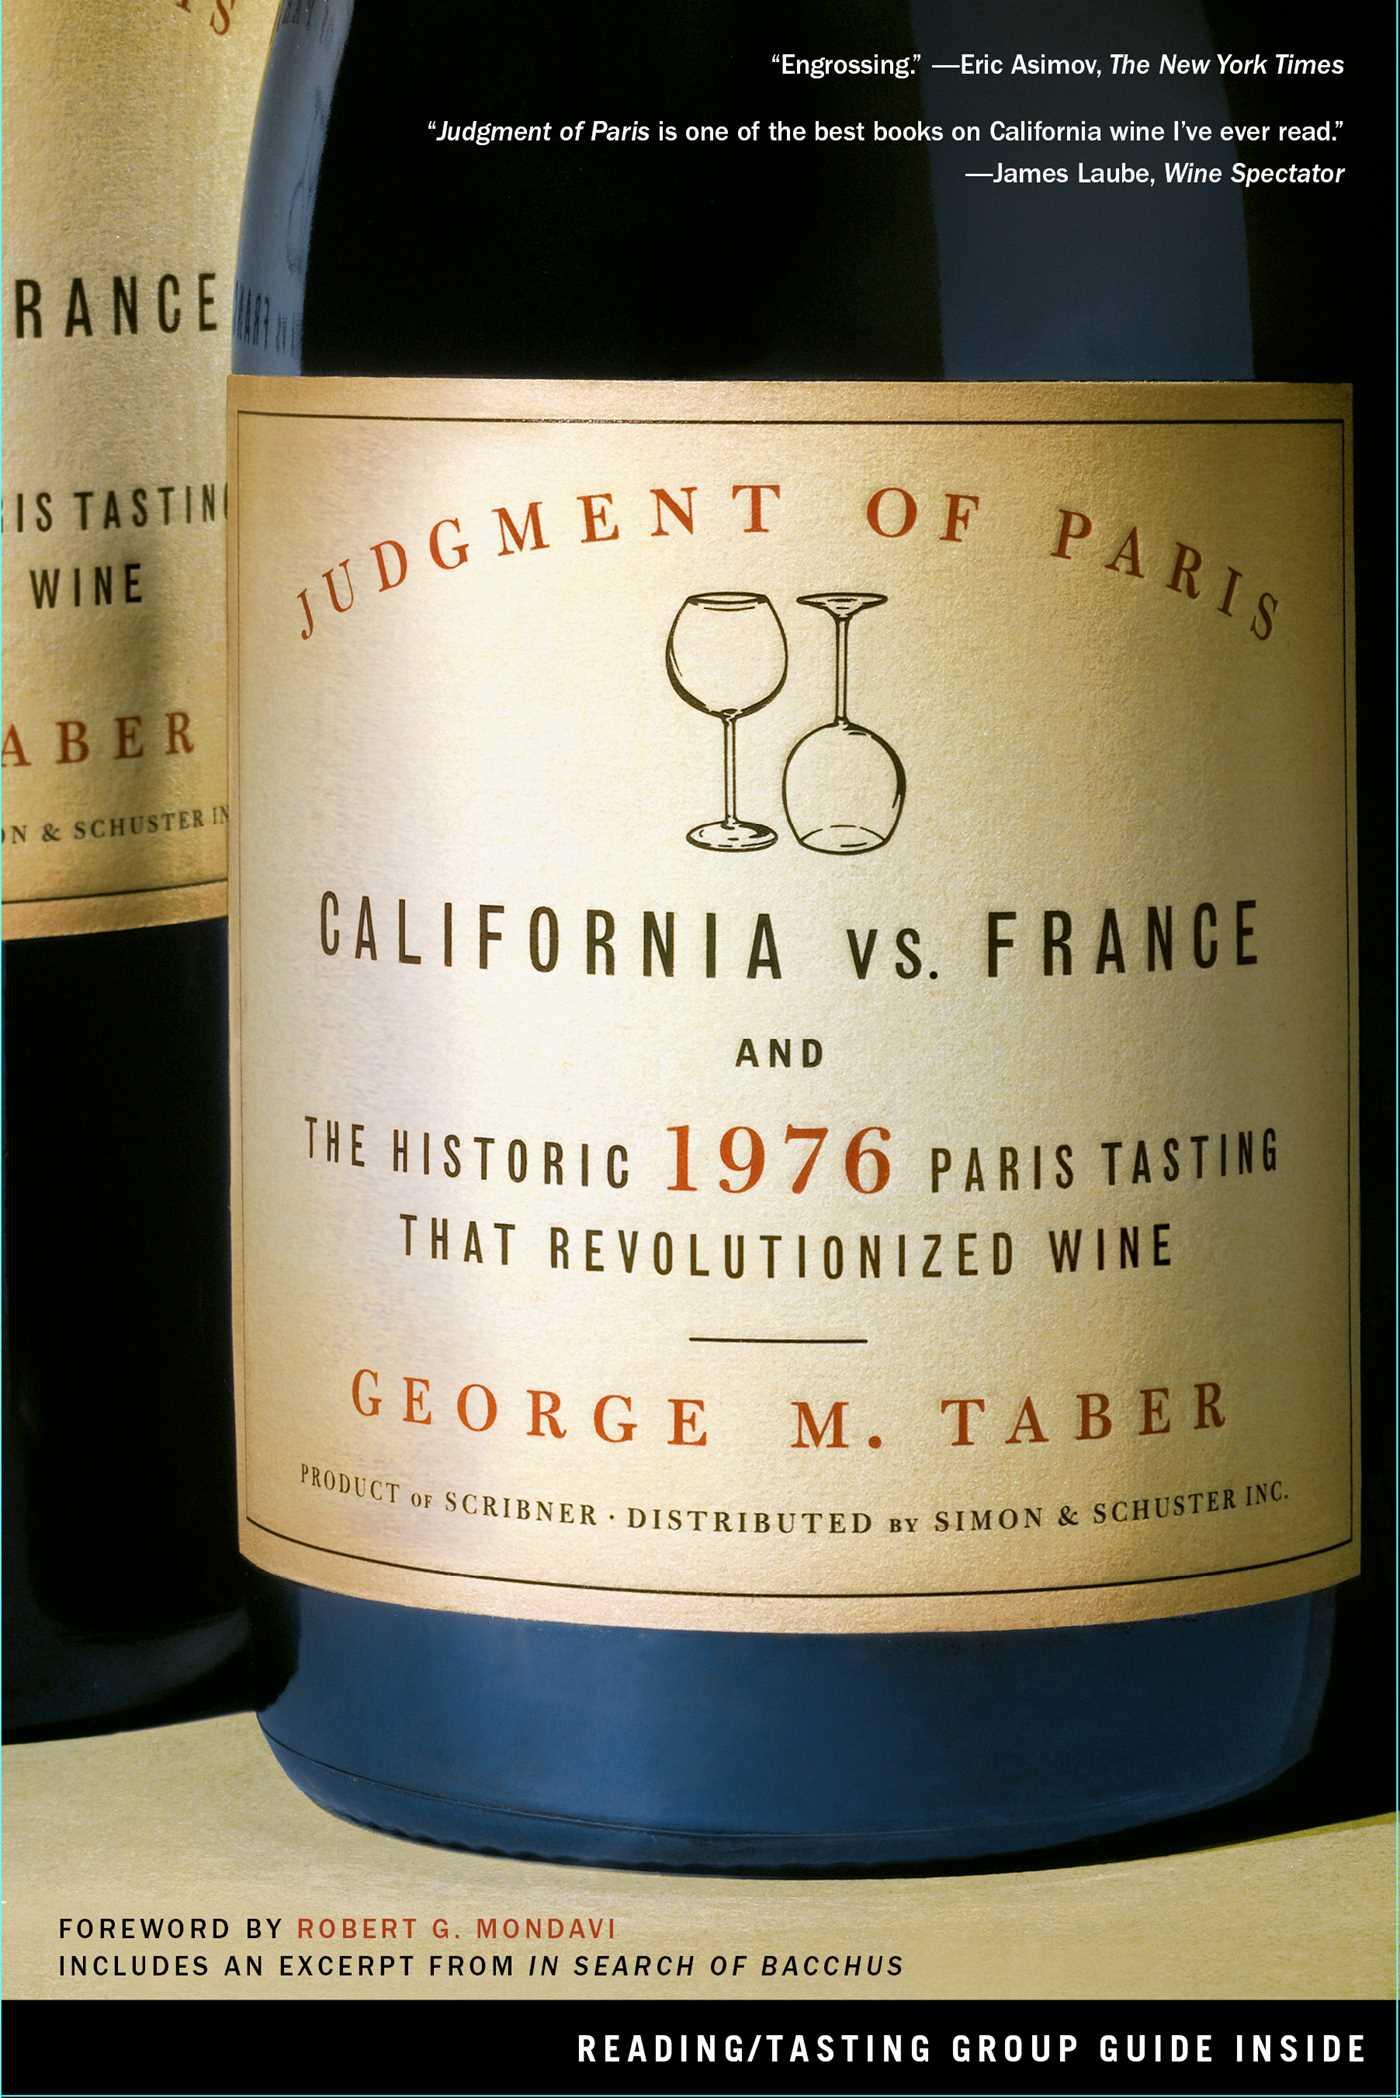 Judgment of paris 9781416547891 hr